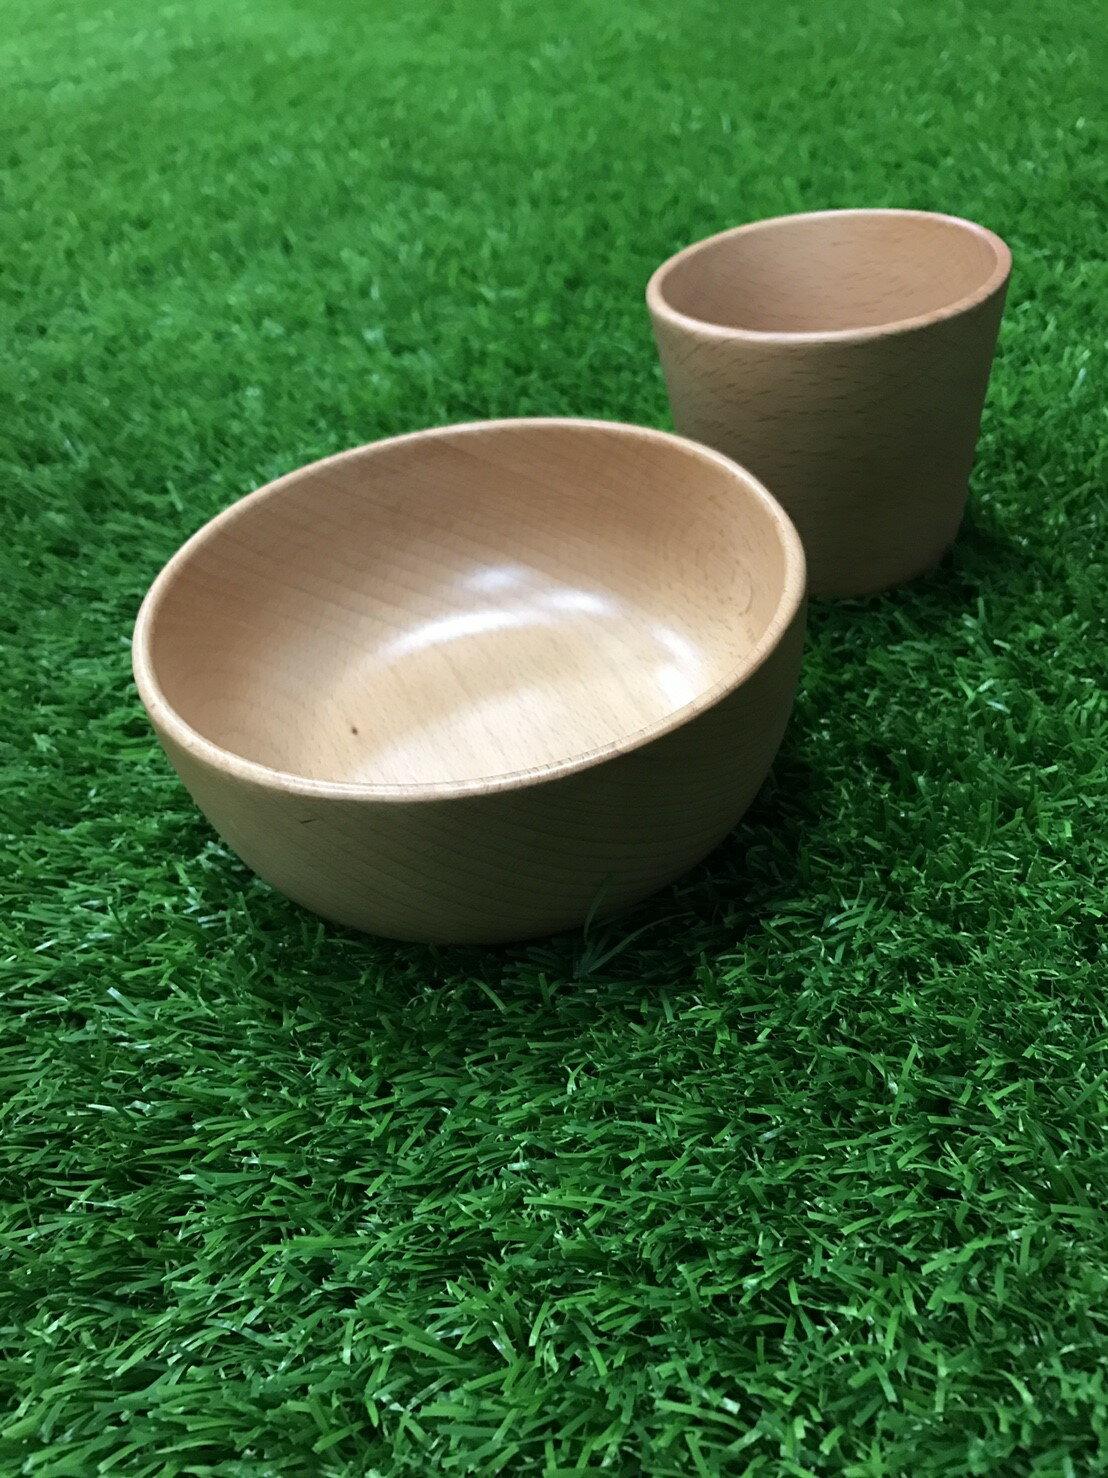 【野道家】sadomain 仙德曼 山毛櫸兒童碗 (WW749) 山毛櫸兒童杯 點心杯 (WW748)